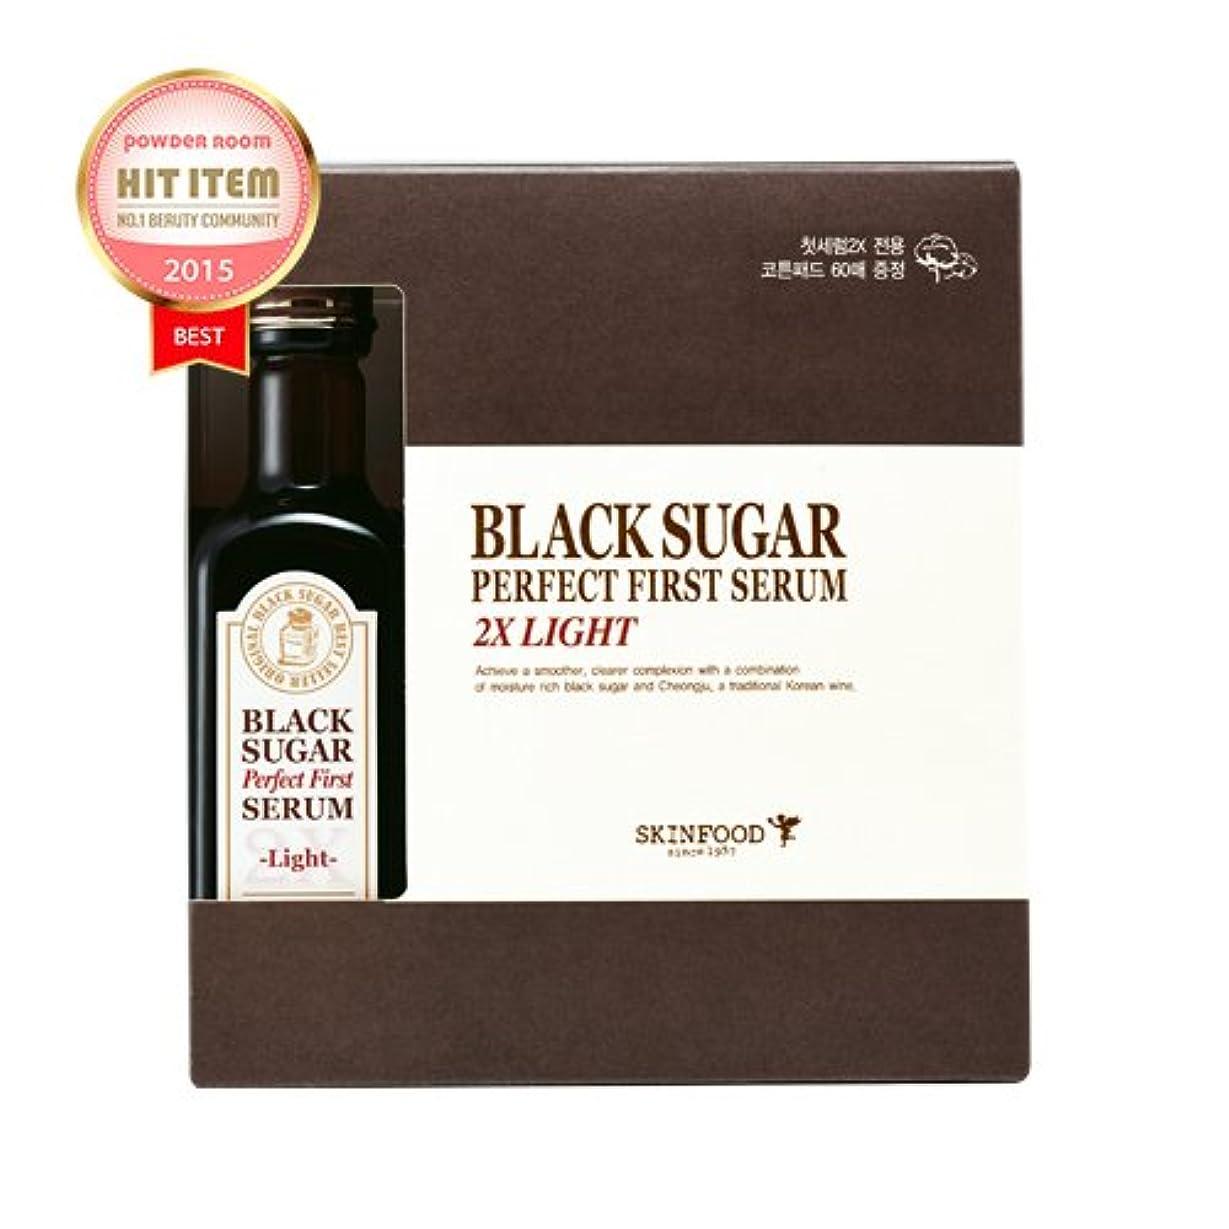 ドレイン事前病院Skinfood 黒糖パーフェクトファーストセラム2X - ライト - (美白効果としわ防止効果) / Black Sugar Perfect First Serum 2X –light- (skin-brightening and Anti-wrinkle Effects) 120ml [並行輸入品]